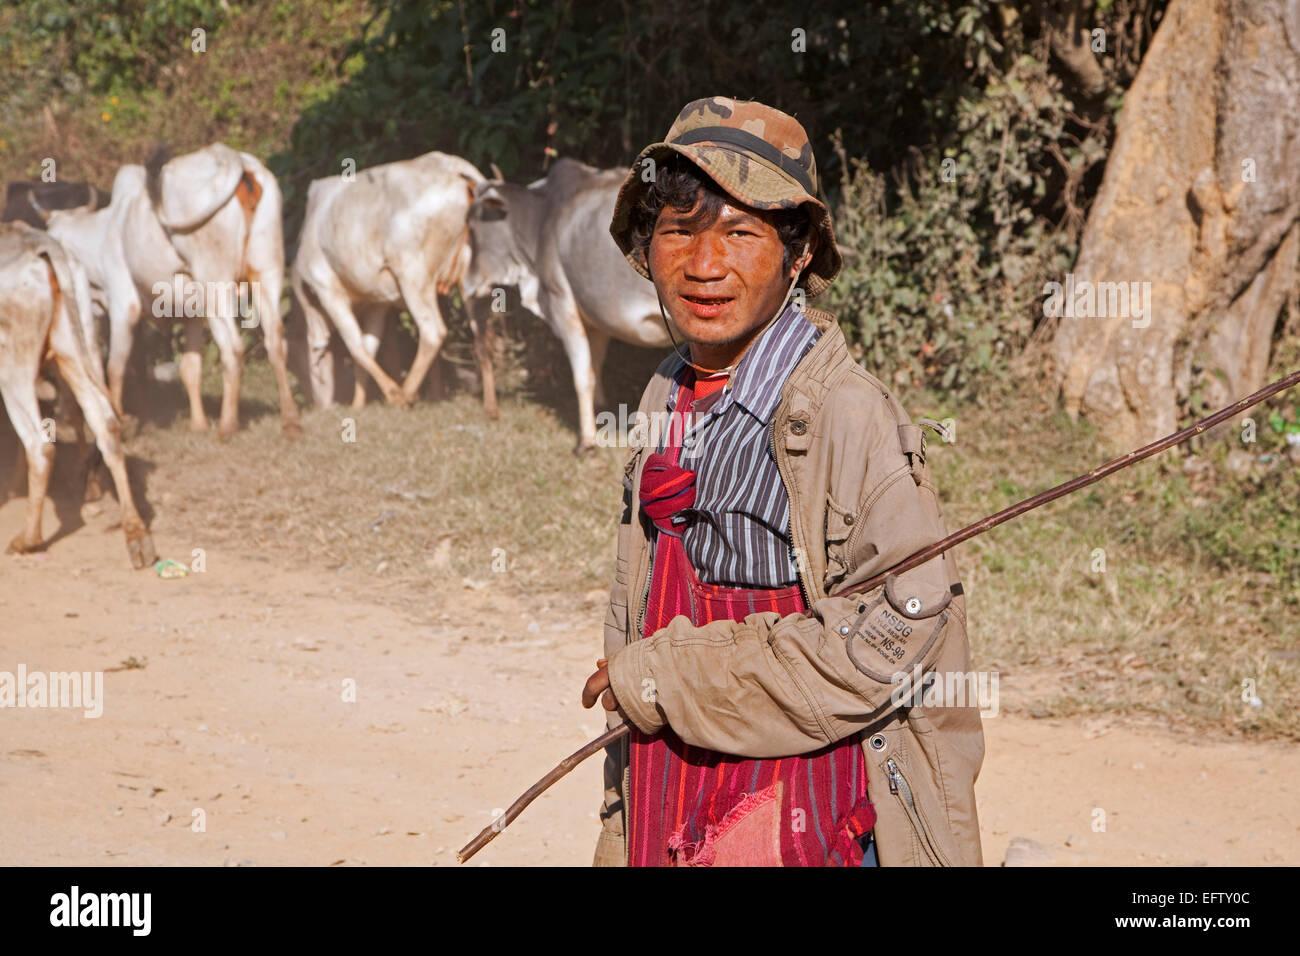 Herder birmano imbrancandosi vacche lungo la strada, Taunggyi distretto, Stato Shan, Myanmar / Birmania Immagini Stock